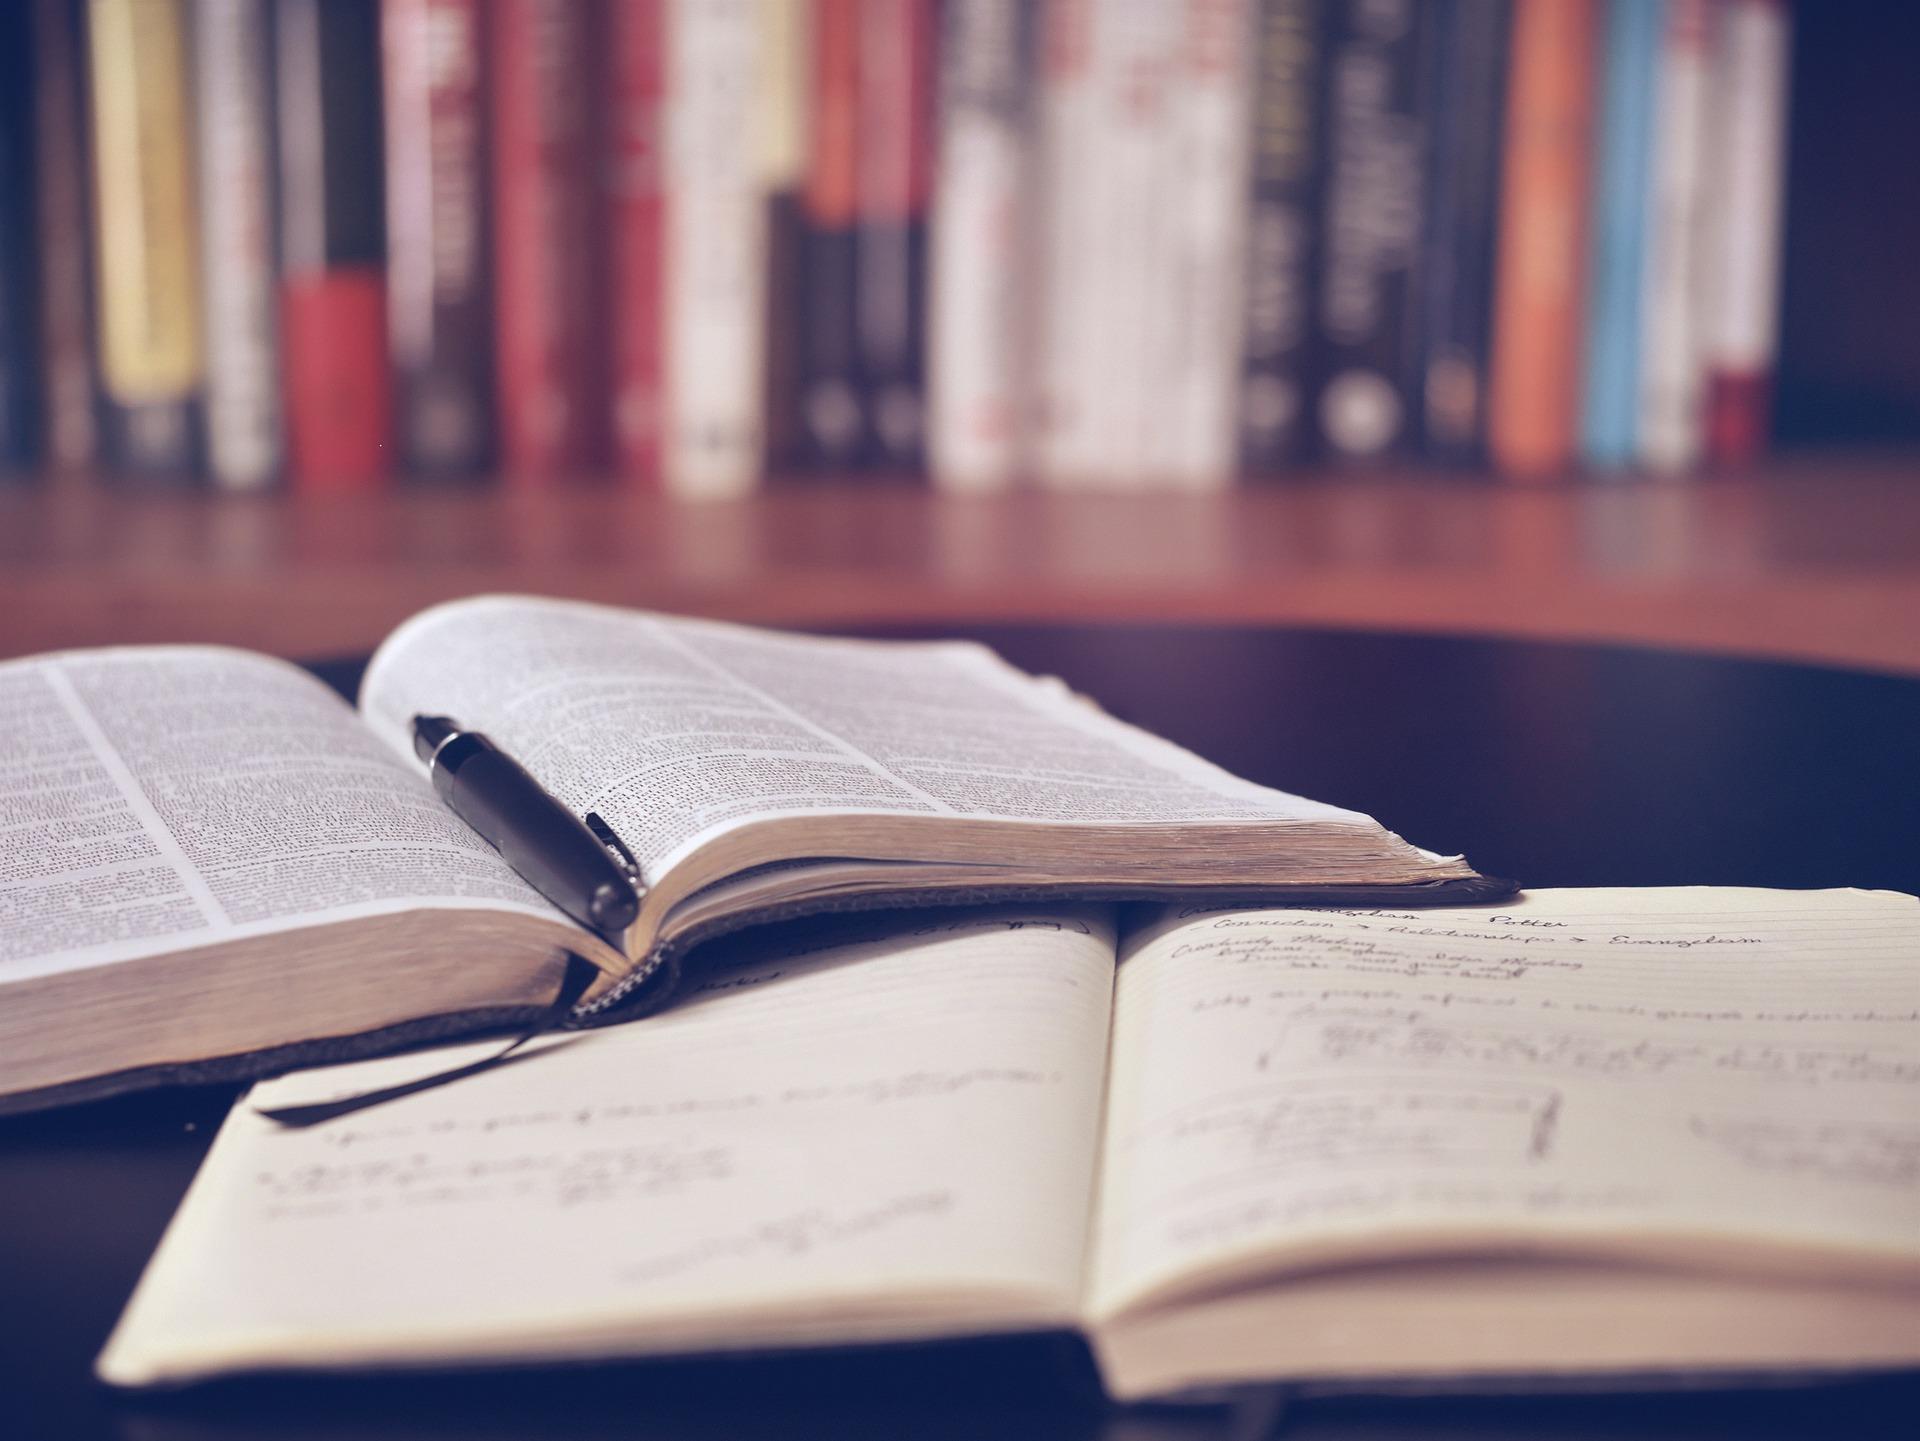 まだ悩んでるの?就活の業界研究に必ず役立つおすすめ本を4冊ご紹介